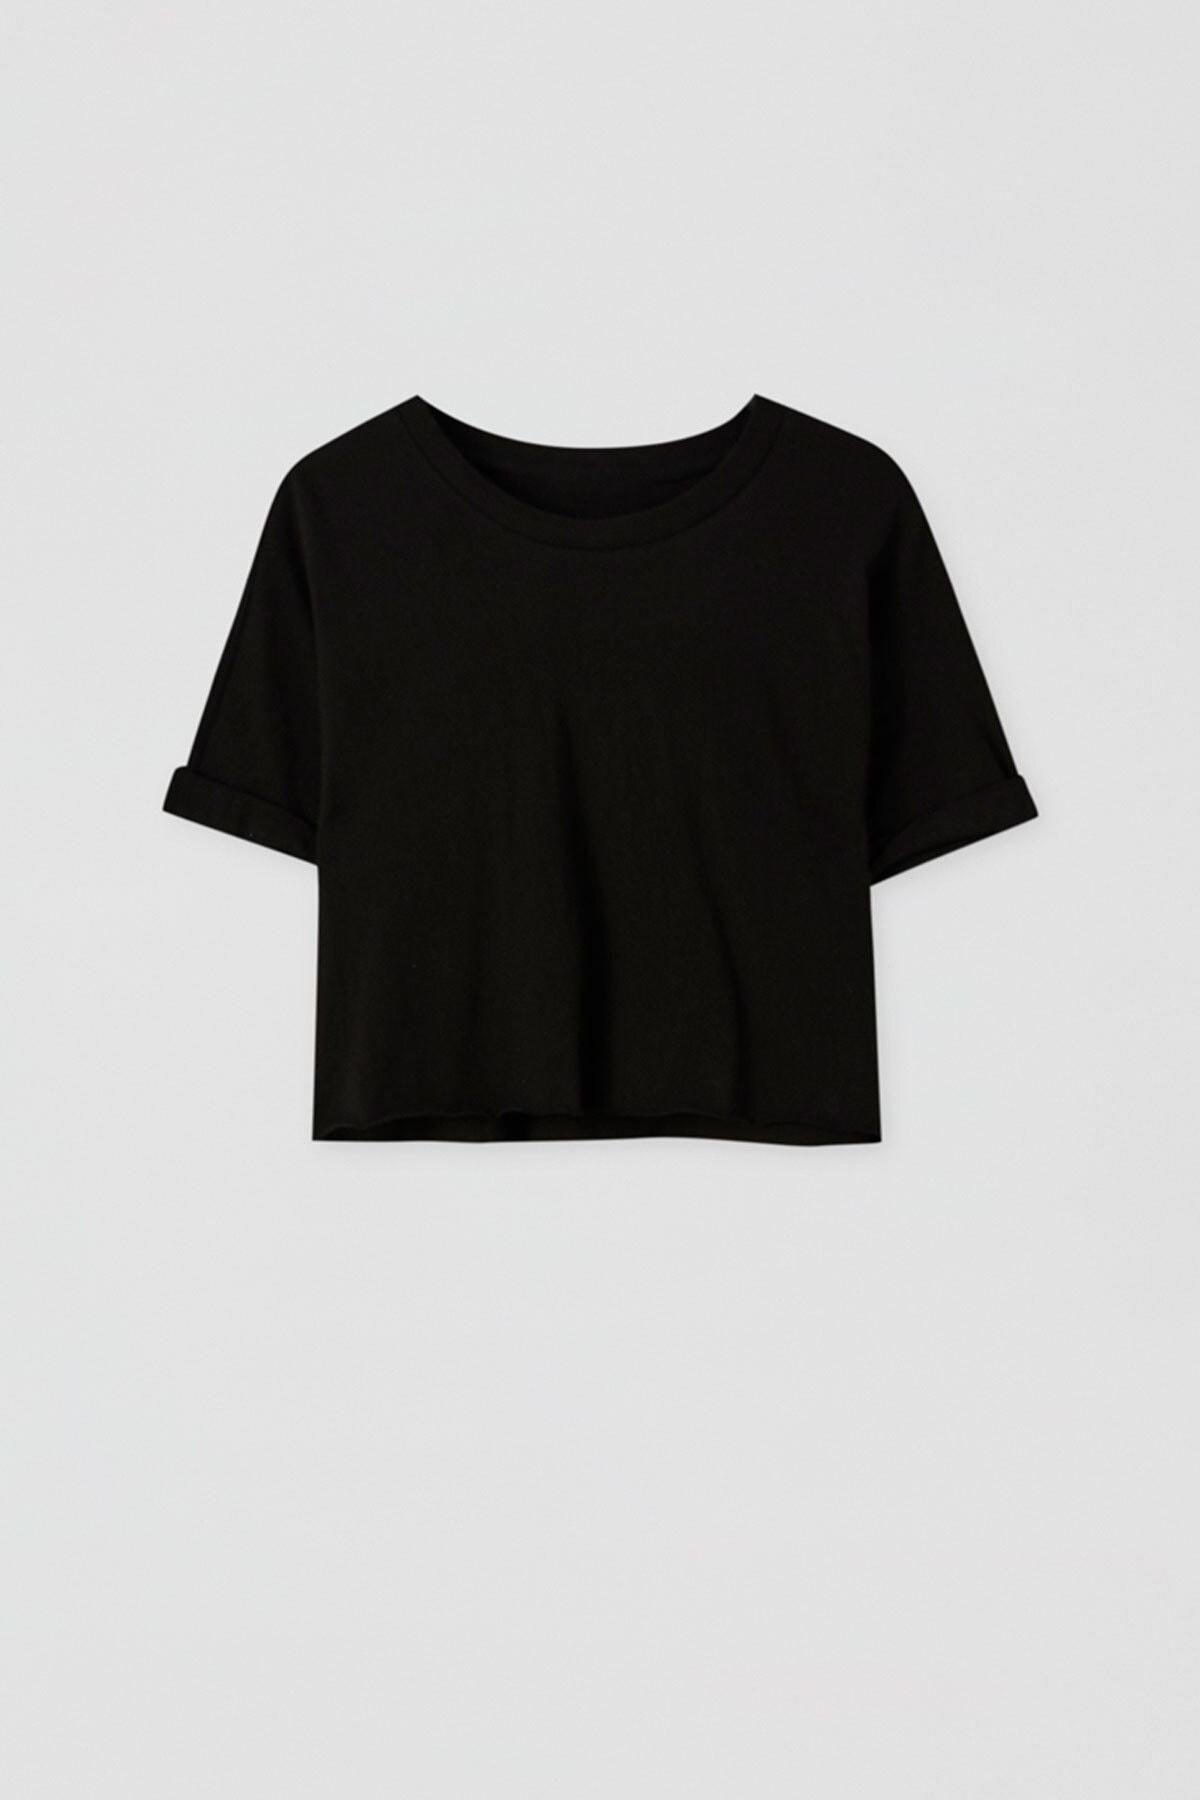 Pull & Bear Kadın Siyah Kenarı Dikişsiz Crop Fit T-Shirt 05236327